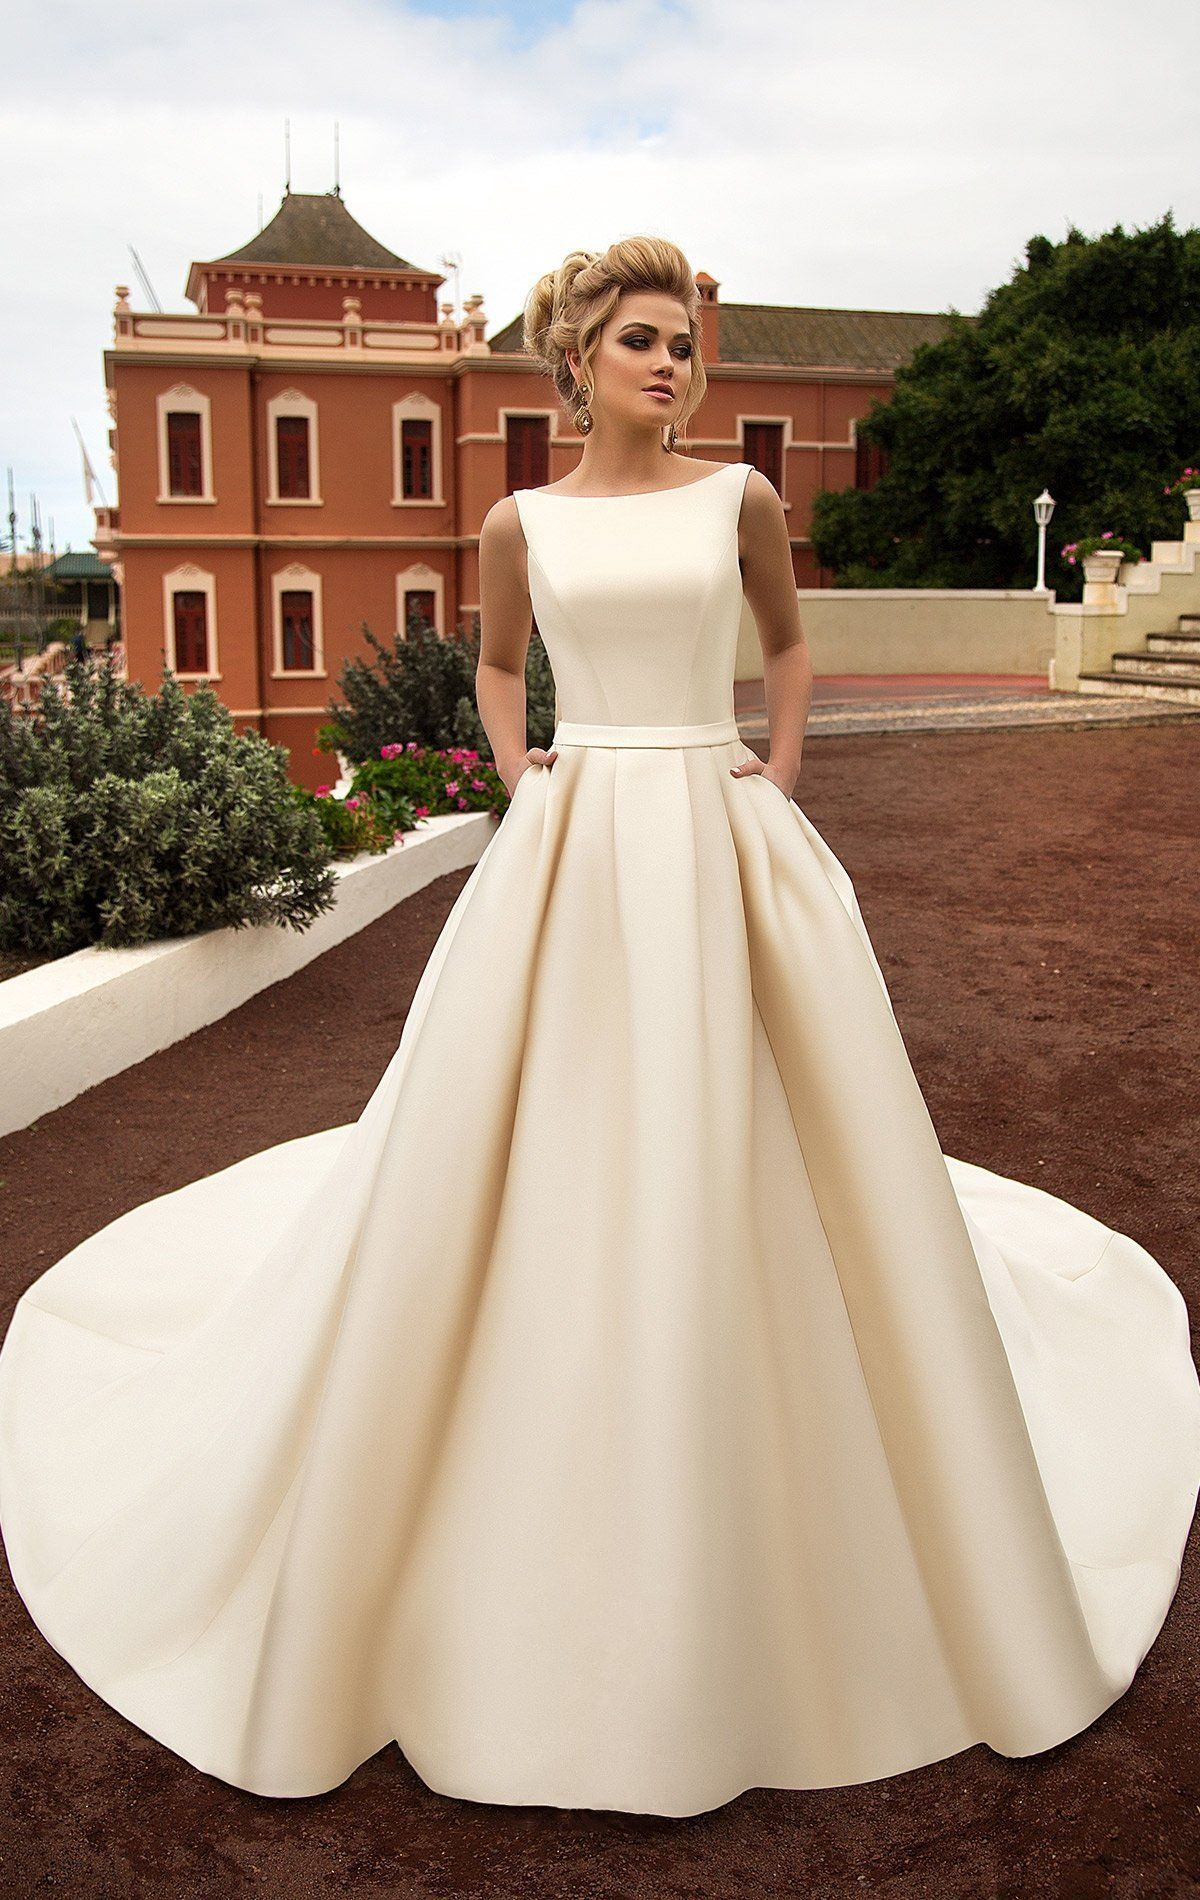 71837d01a72 Свадебное платье Naviblue Bridal LUARA-17018 ▷ Свадебный Торговый Центр Вега  в Москве